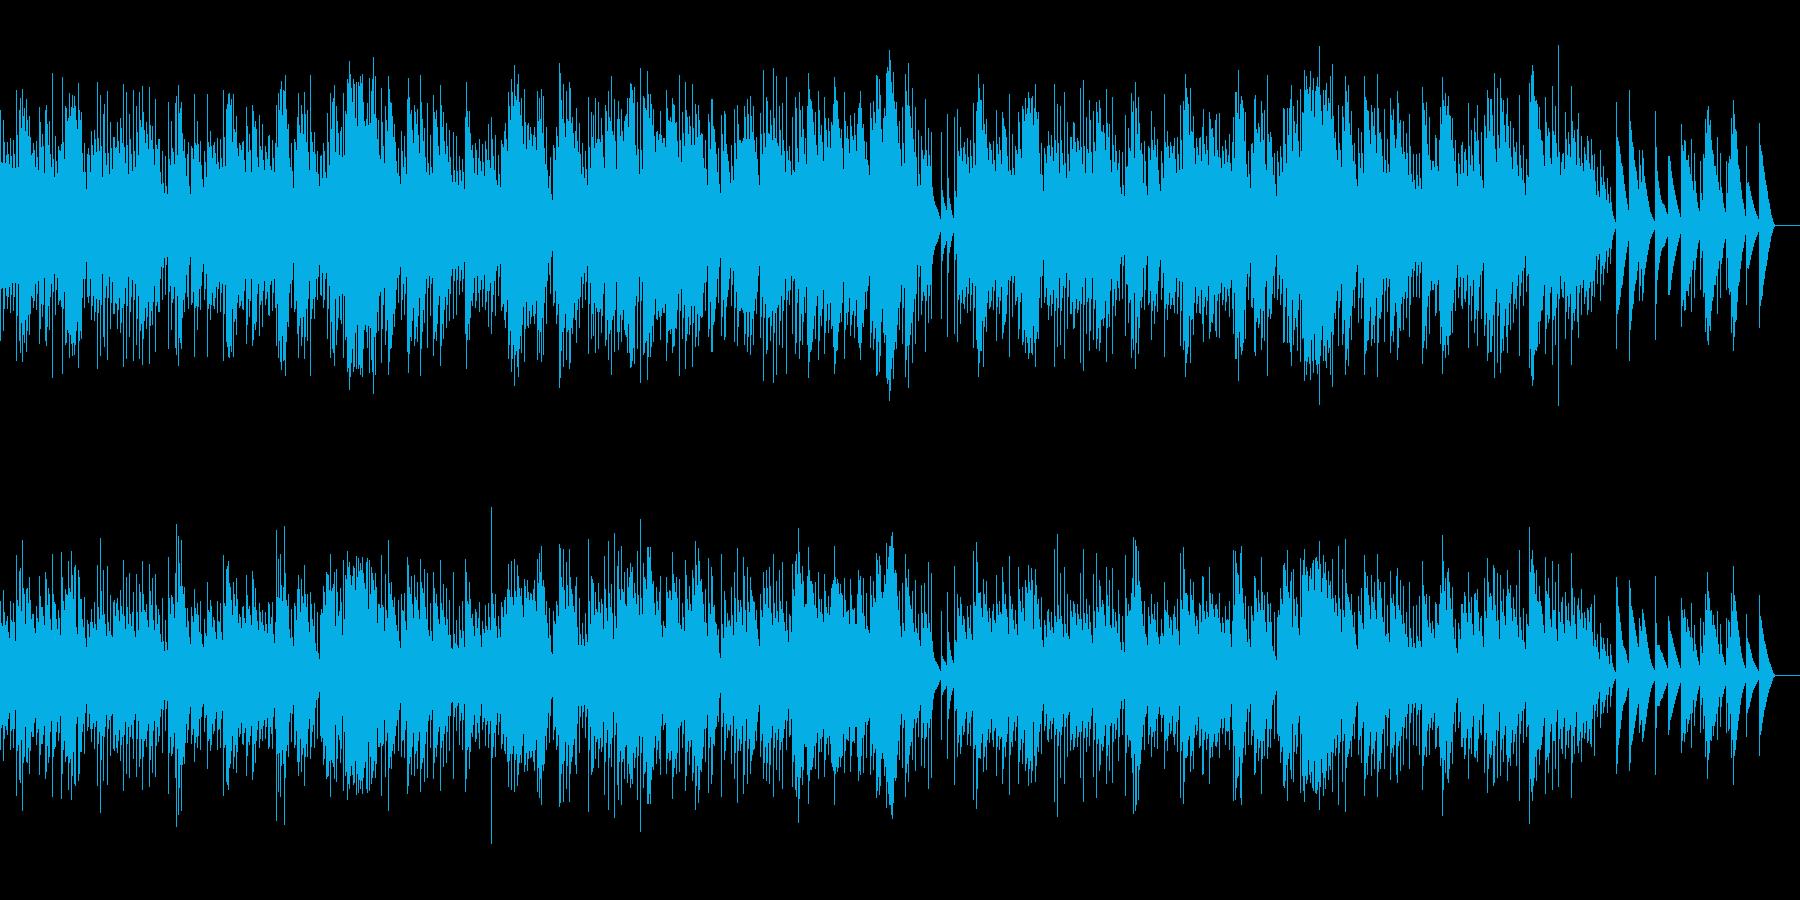 マスネ タイスの瞑想曲 (オルゴール)の再生済みの波形